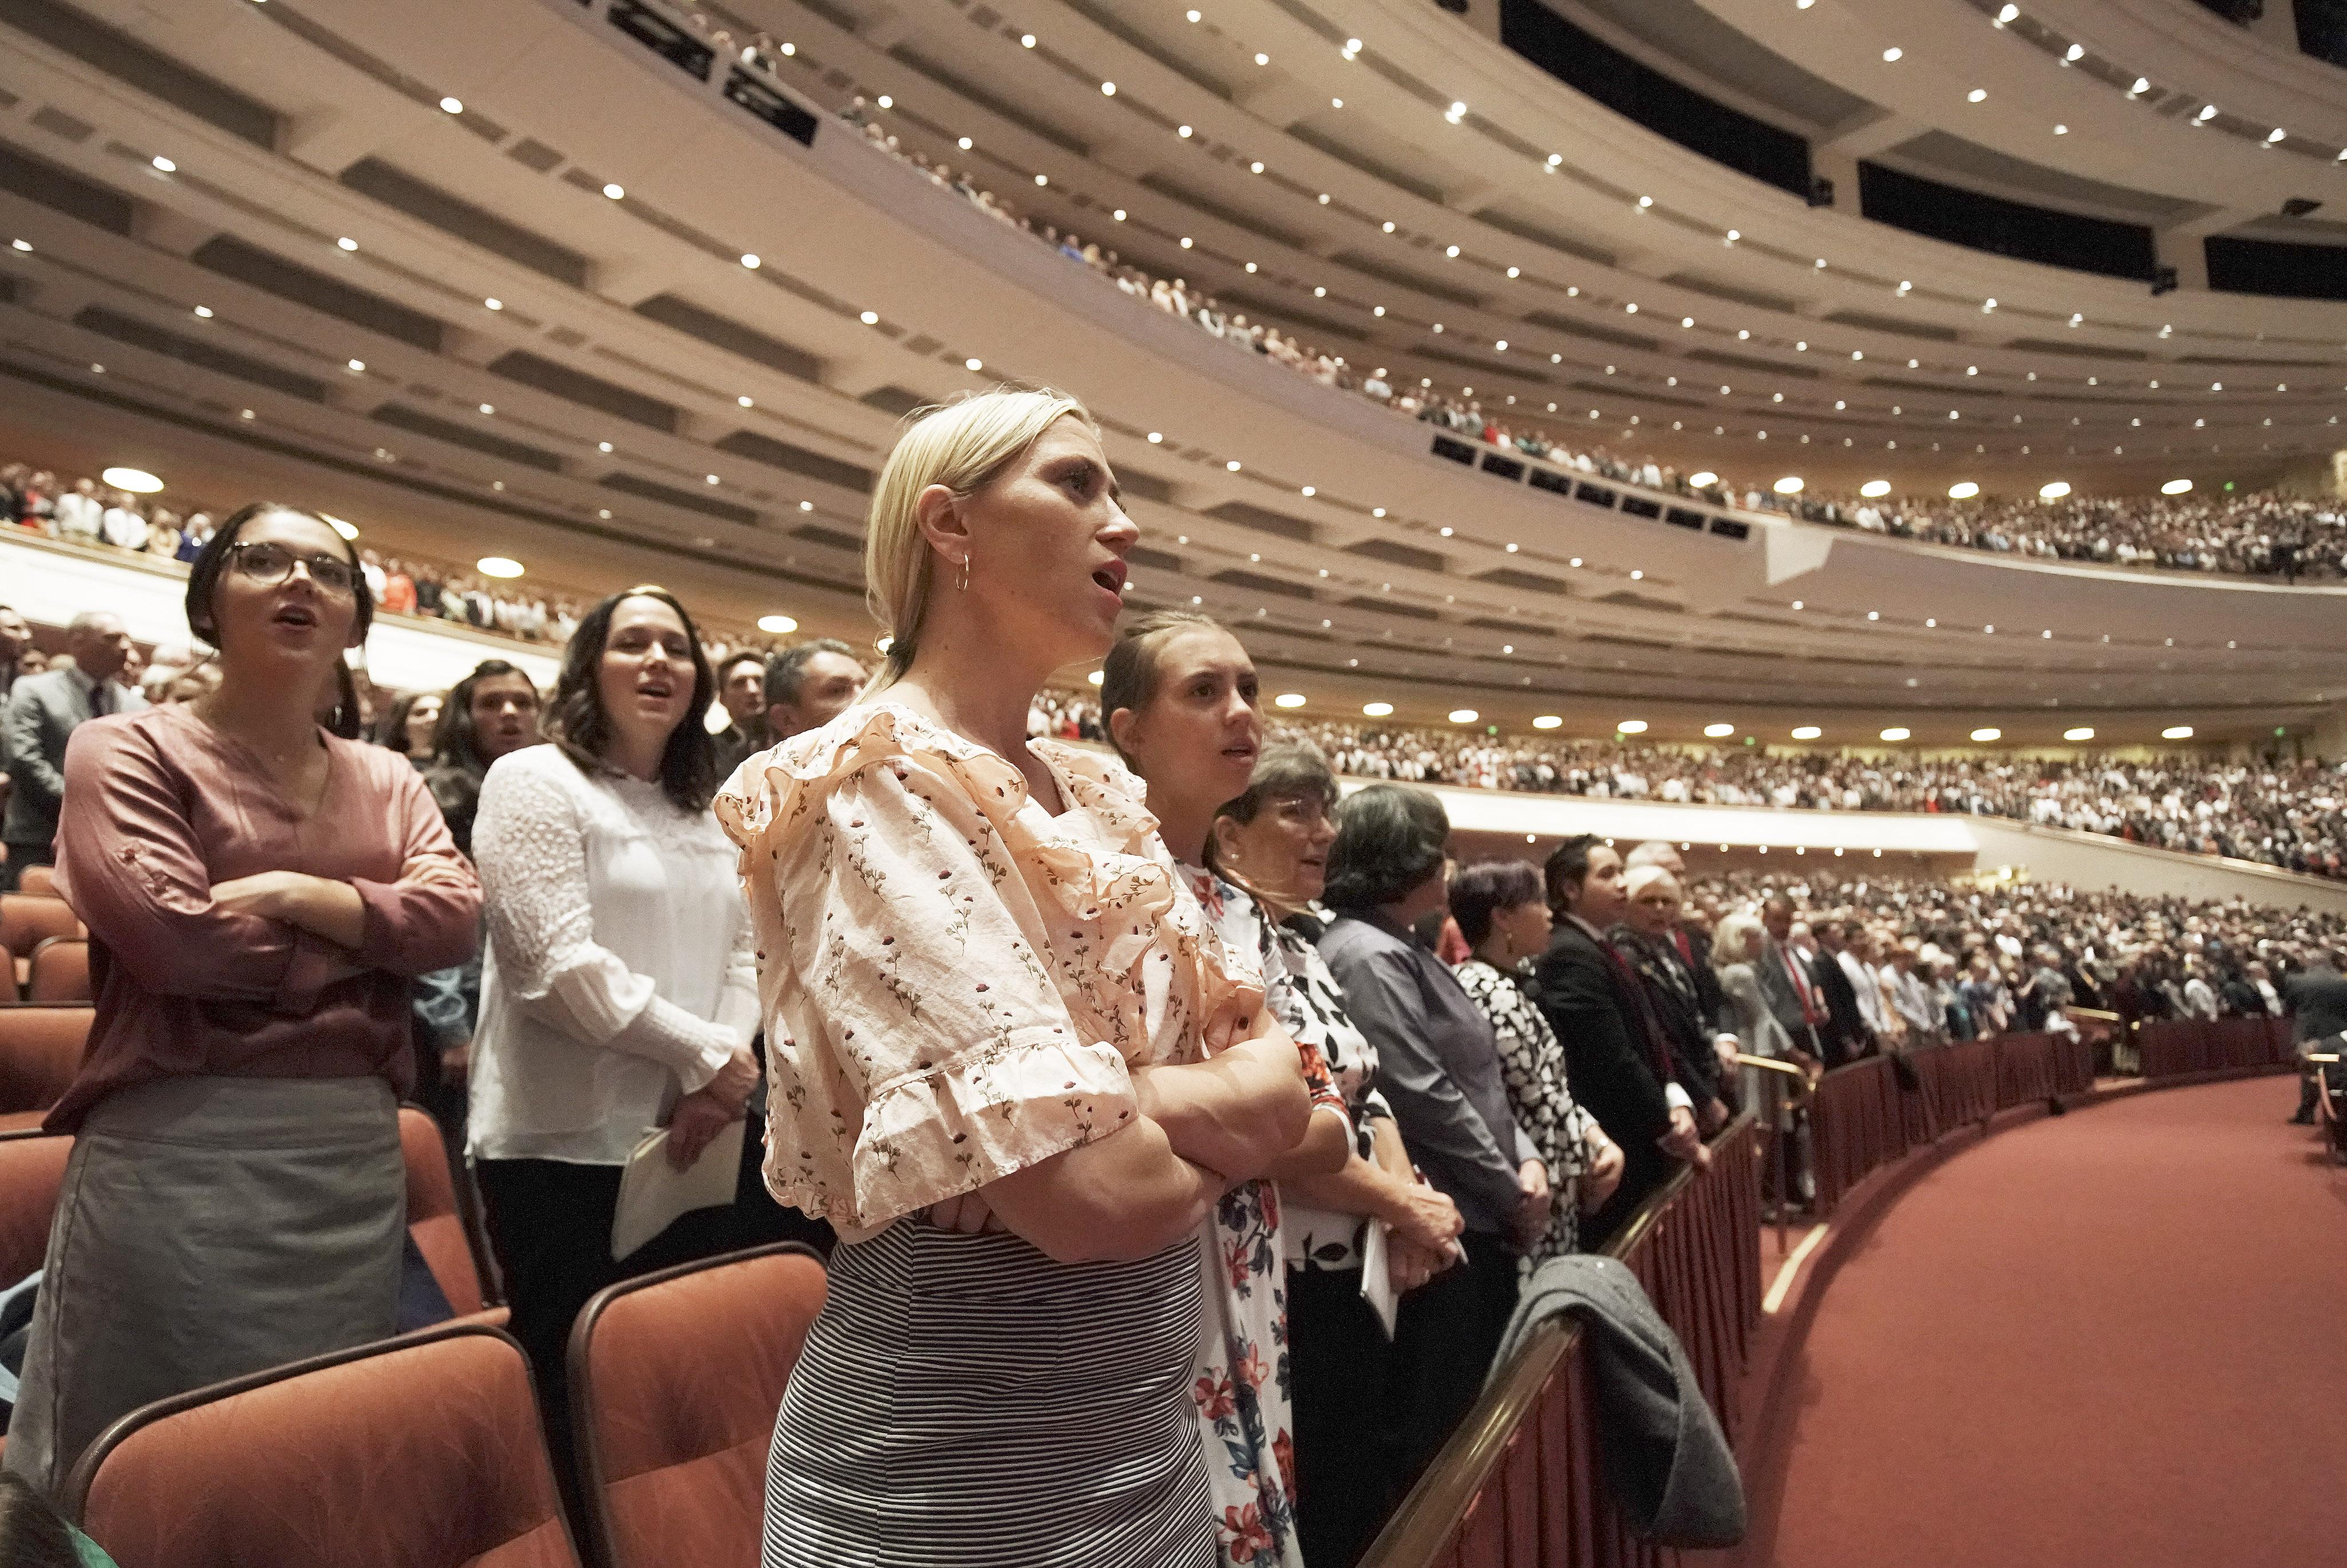 Julie Beck canta com outros membros da congregação presentes na conferência durante a sessão da manhã de sábado da Conferência Geral Semestral nº 189 de A Igreja de Jesus Cristo dos Santos dos Últimos Dias, realizada no Centro de Conferências em Salt Lake City, Utah, EUA, em 5 de outubro de 2019.